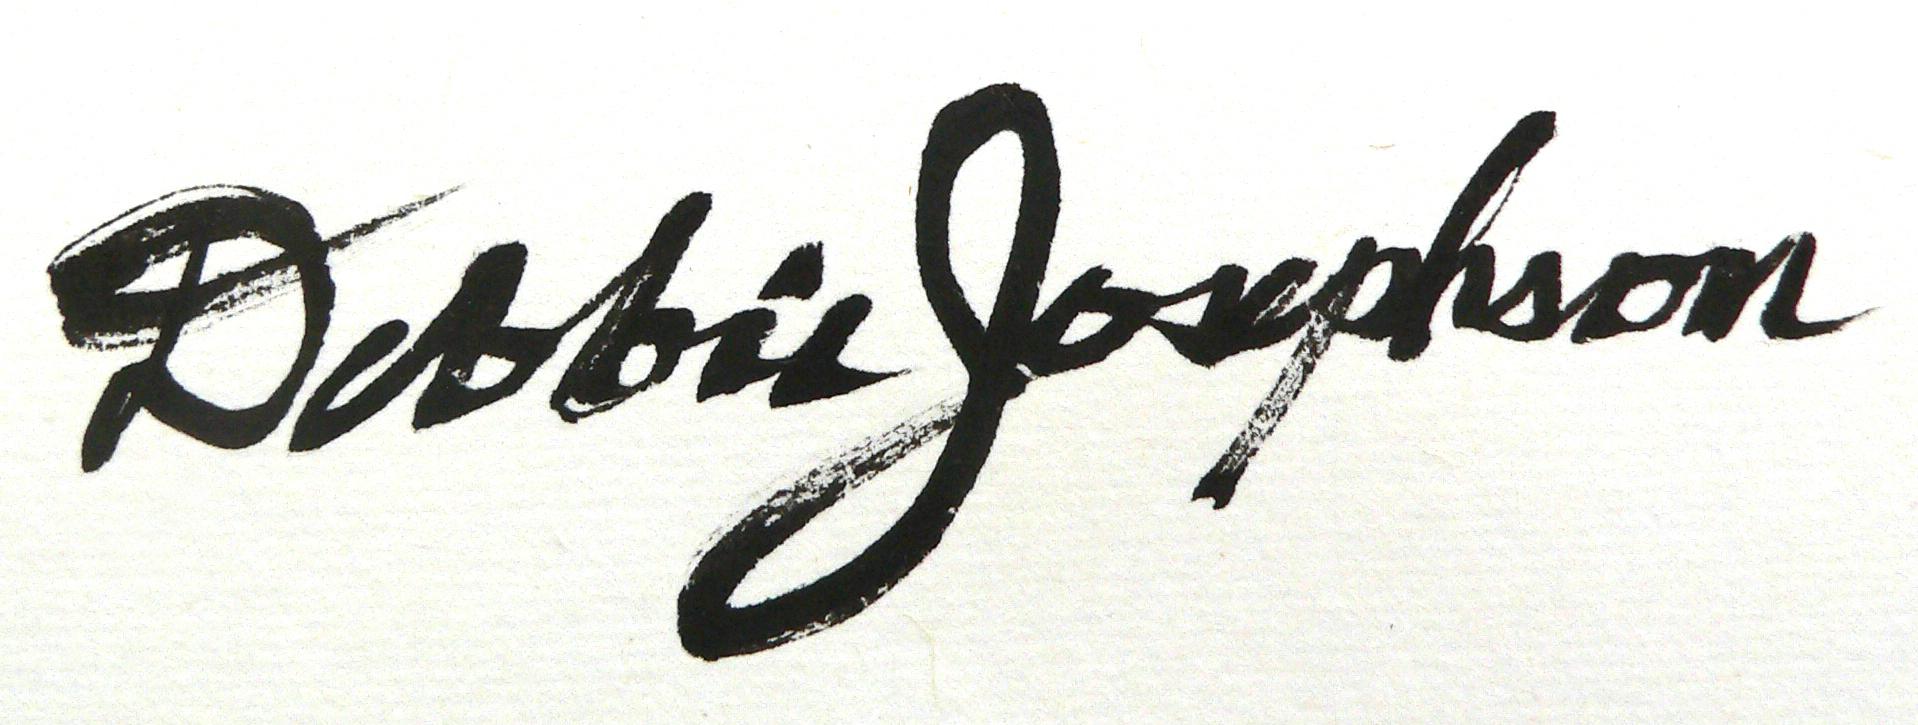 Debbie Josephson's Signature